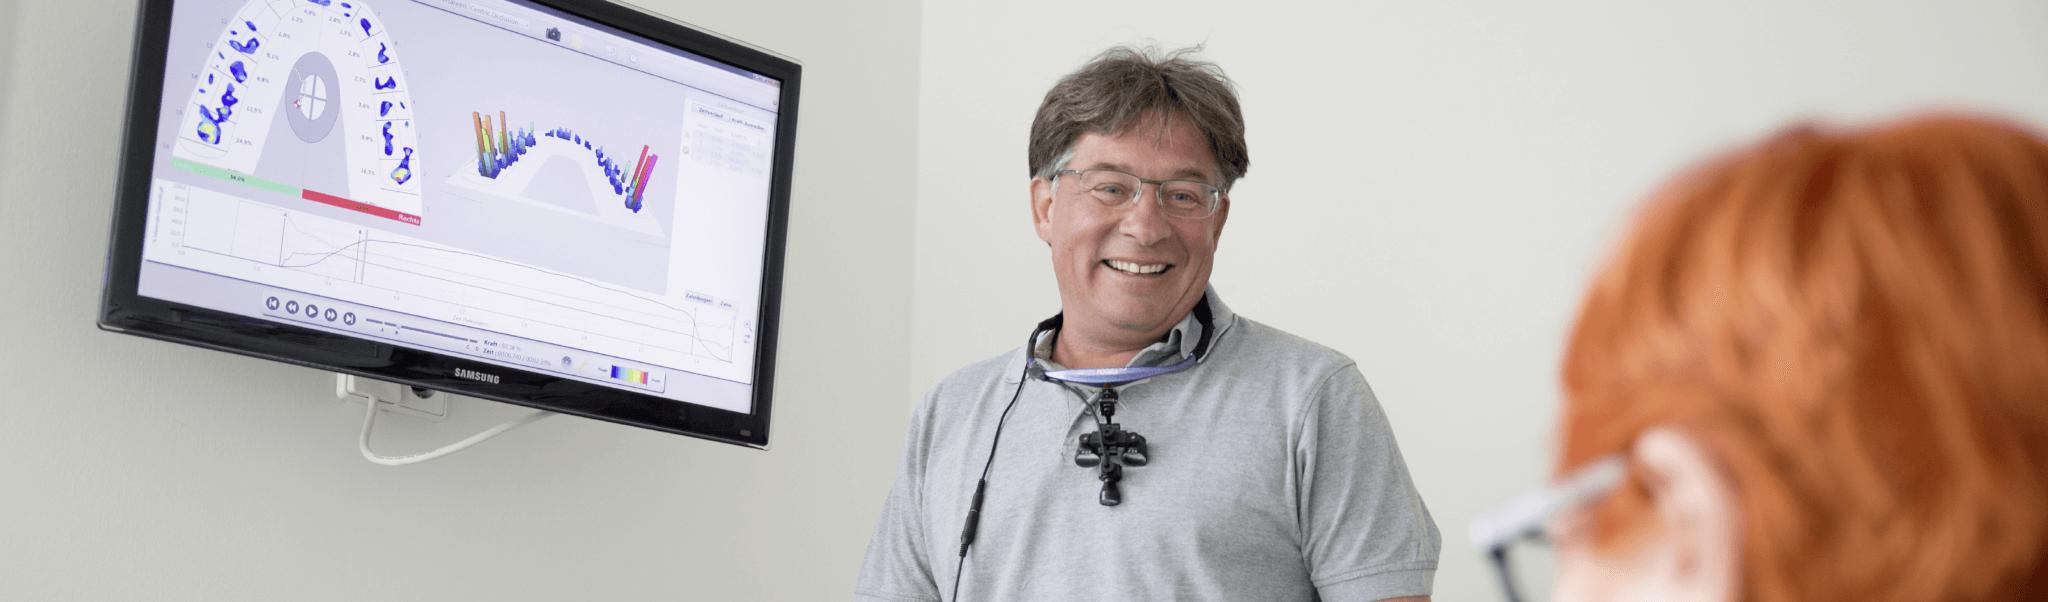 Prophylaxe - Dr. Rentschler lachen mit Patientin im Gespräch, dahinter ein Bildschirm